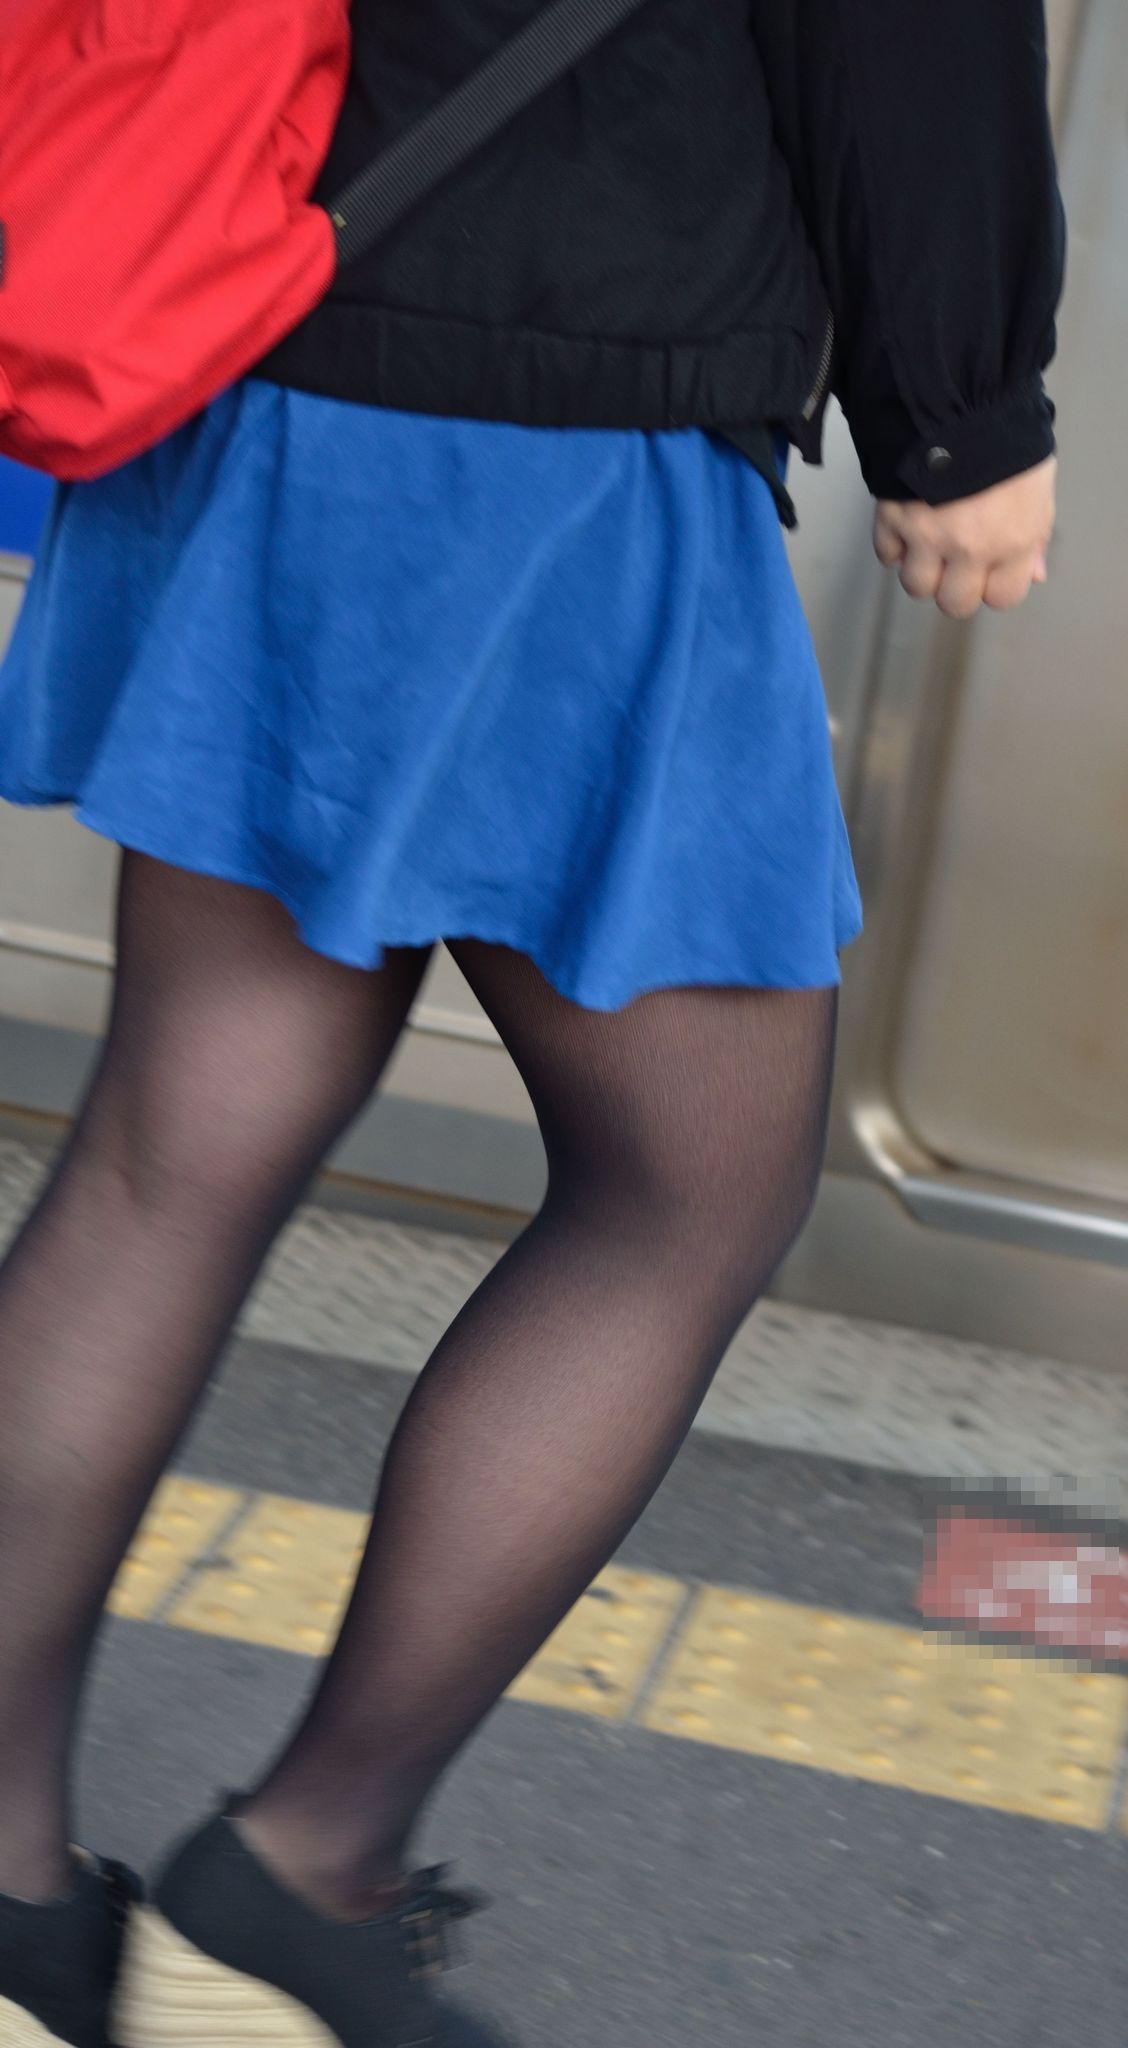 【街撮りJK画像】黒タイツ履いたお嬢様っぽいJKたちの美脚に見とれる画像 08